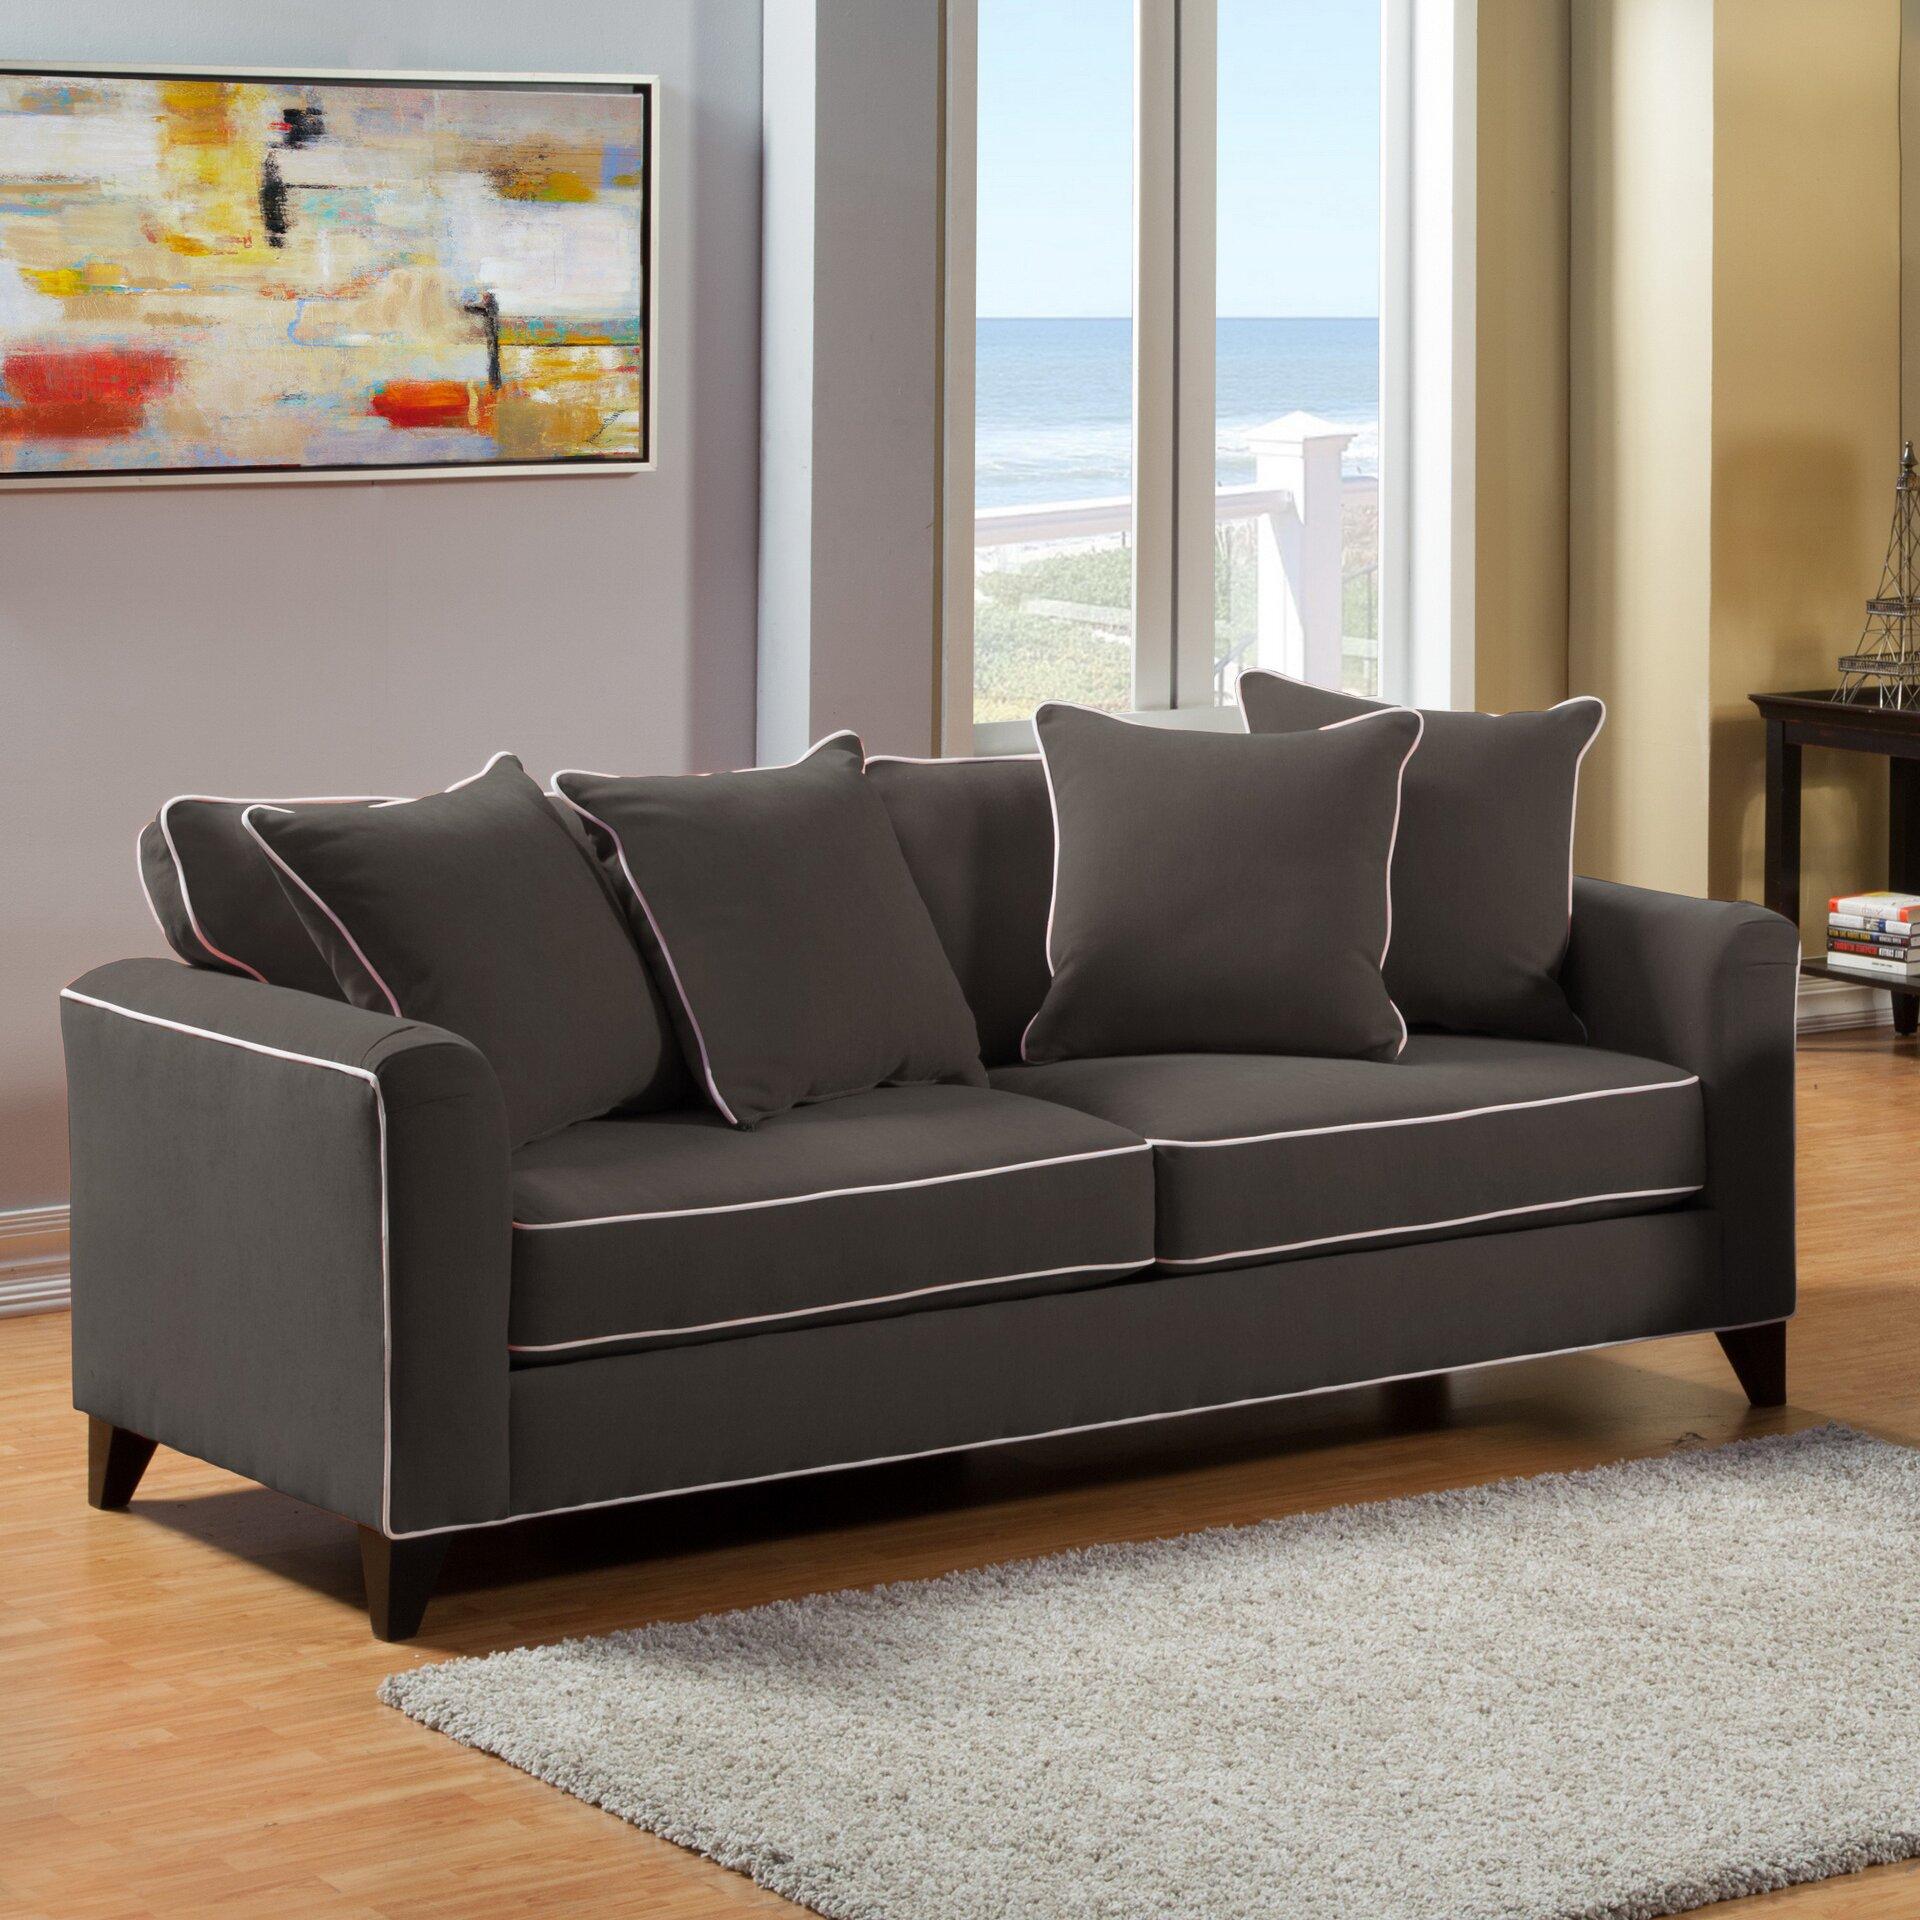 Hokku designs martinique sofa reviews wayfair for Hokku designs living room furniture